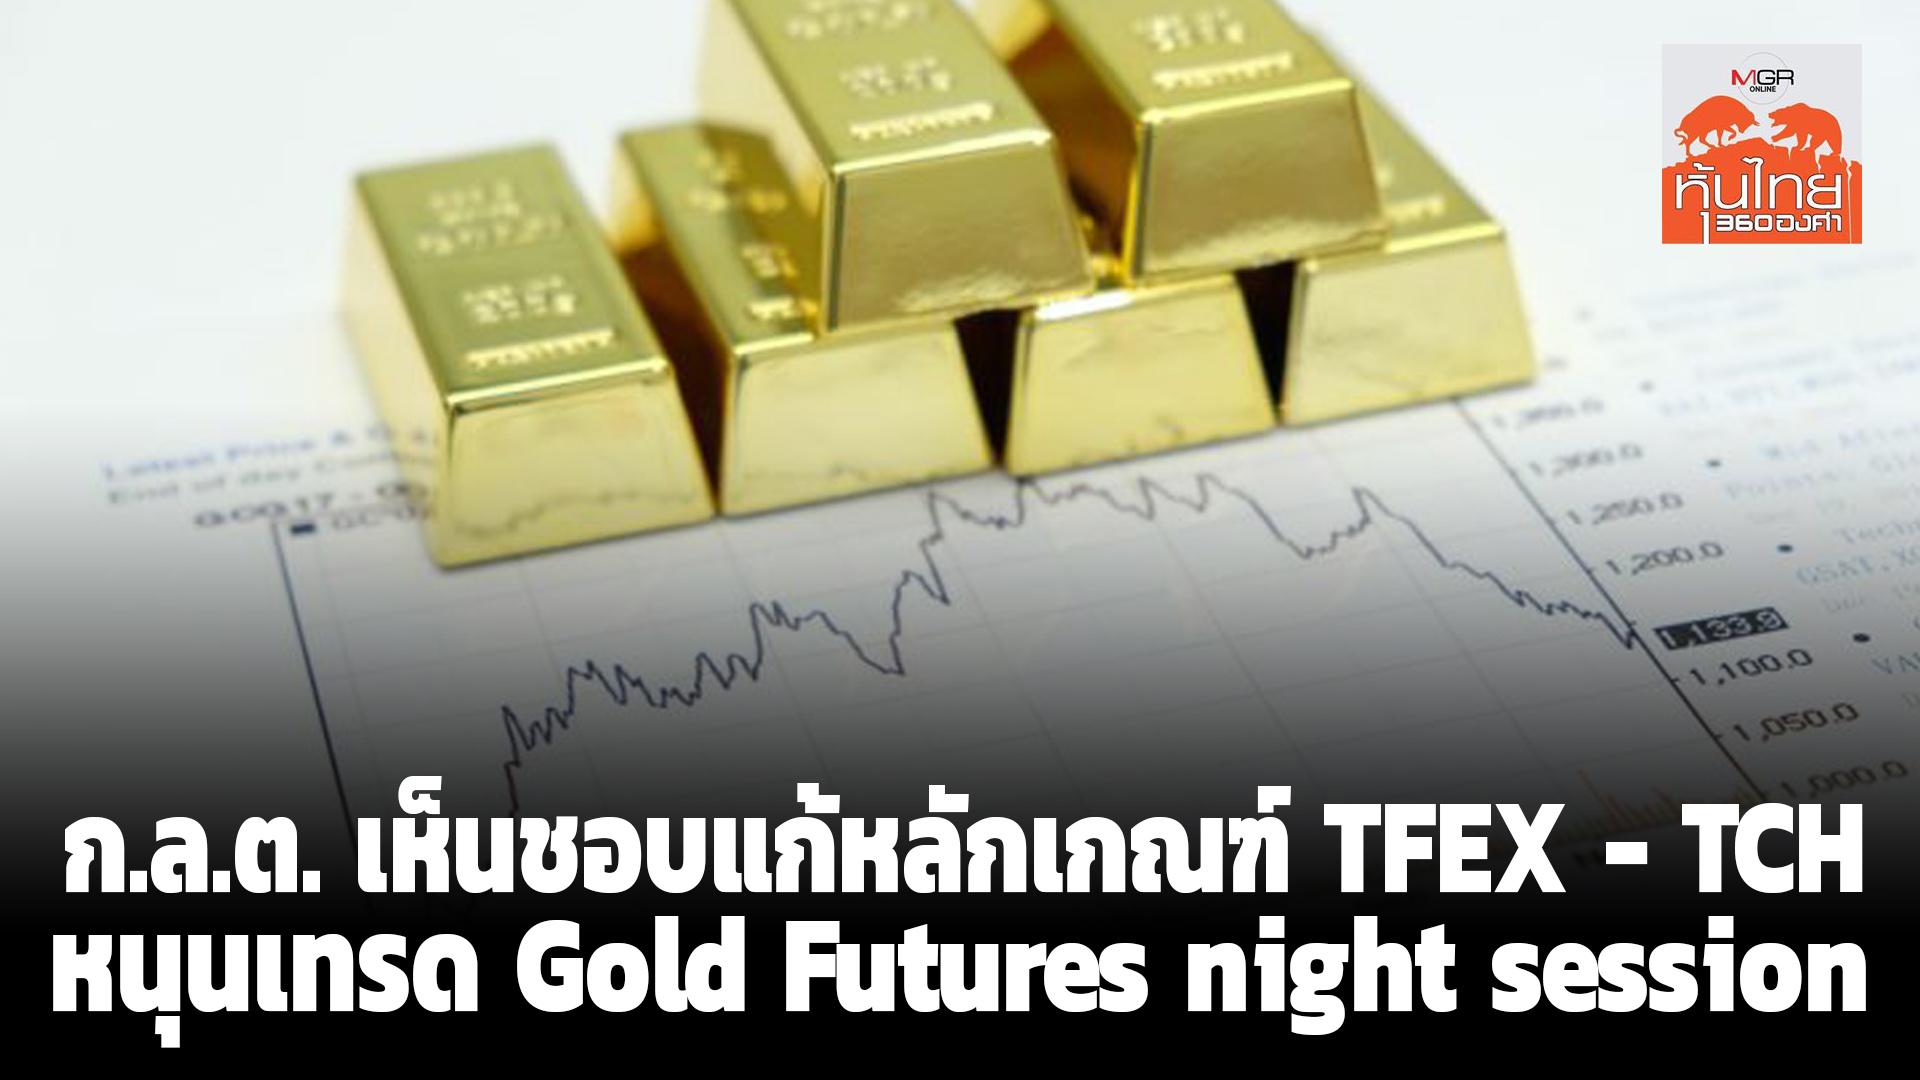 ก.ล.ต. เห็นชอบแก้หลักเกณฑ์ TFEX - TCH หนุนเทรด Gold Futures night session